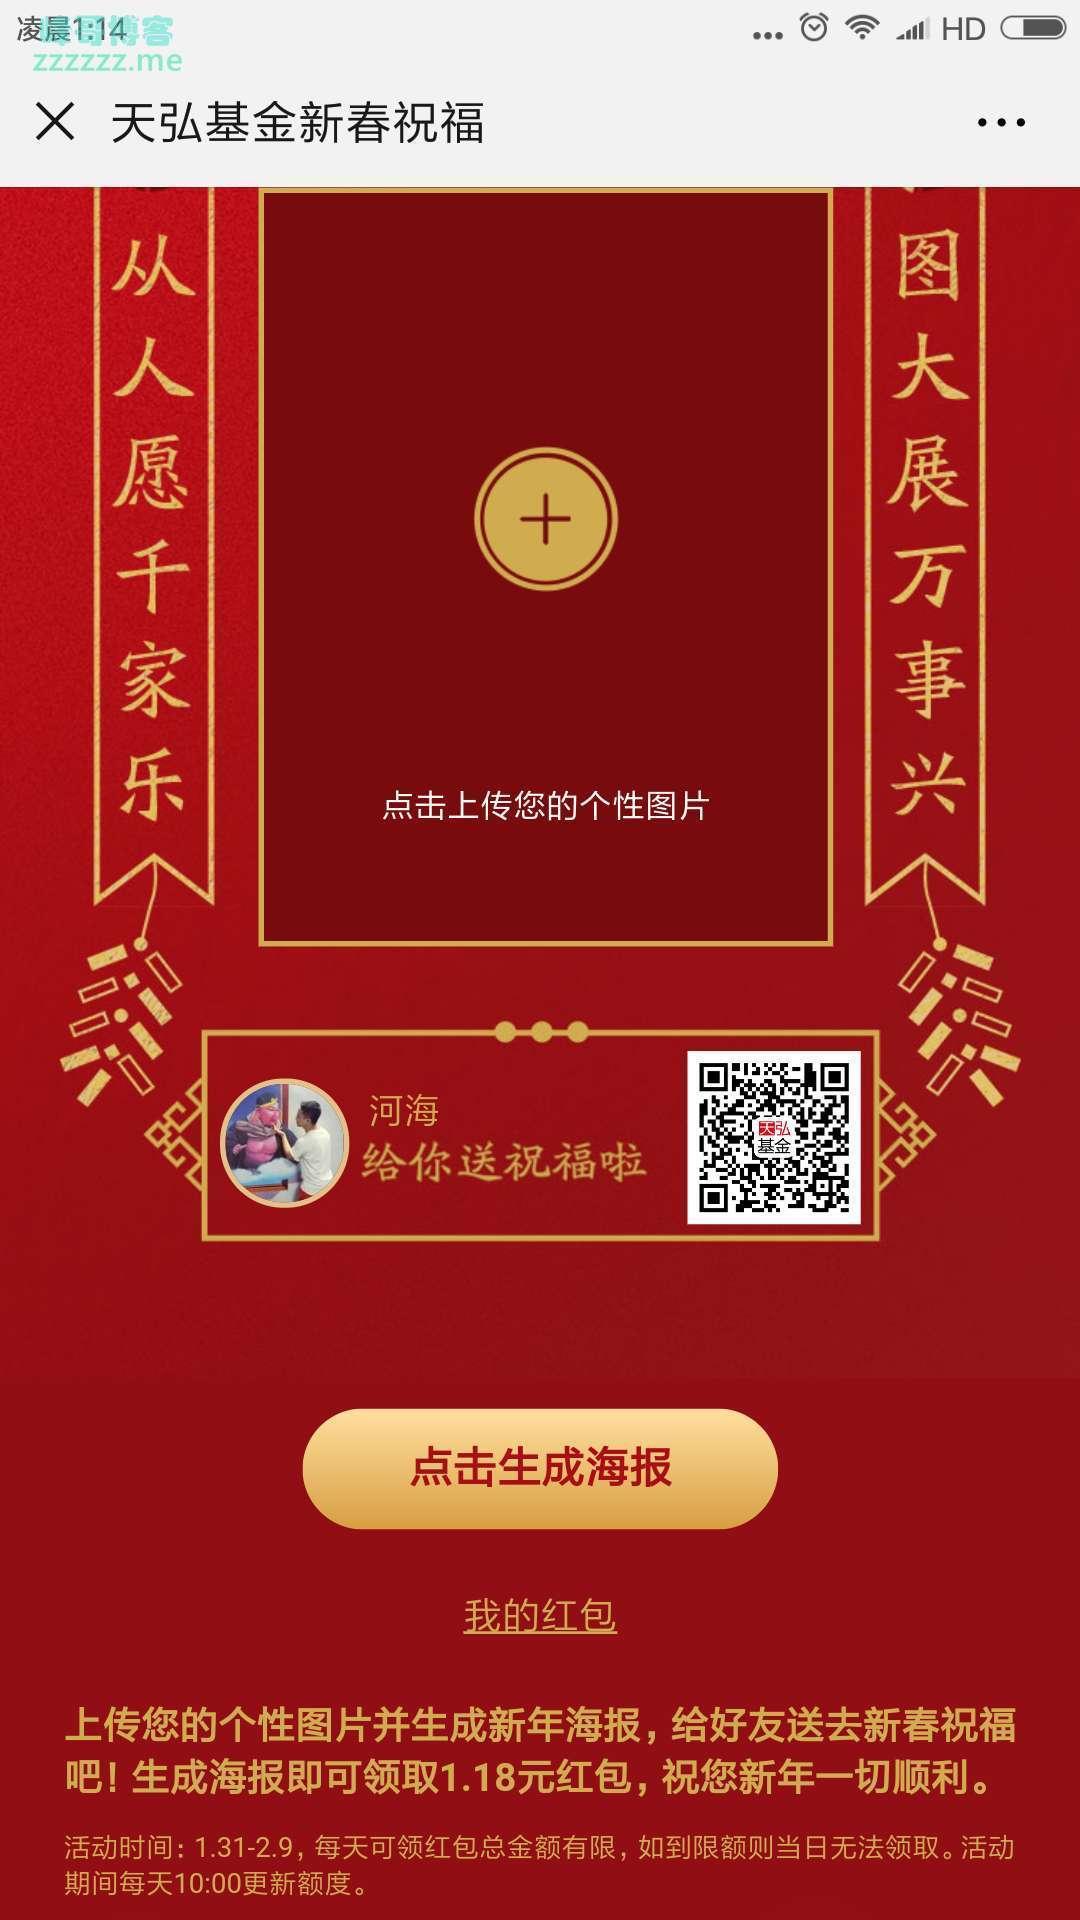 <天弘基金>送新春祝福红包(截止2月9日)